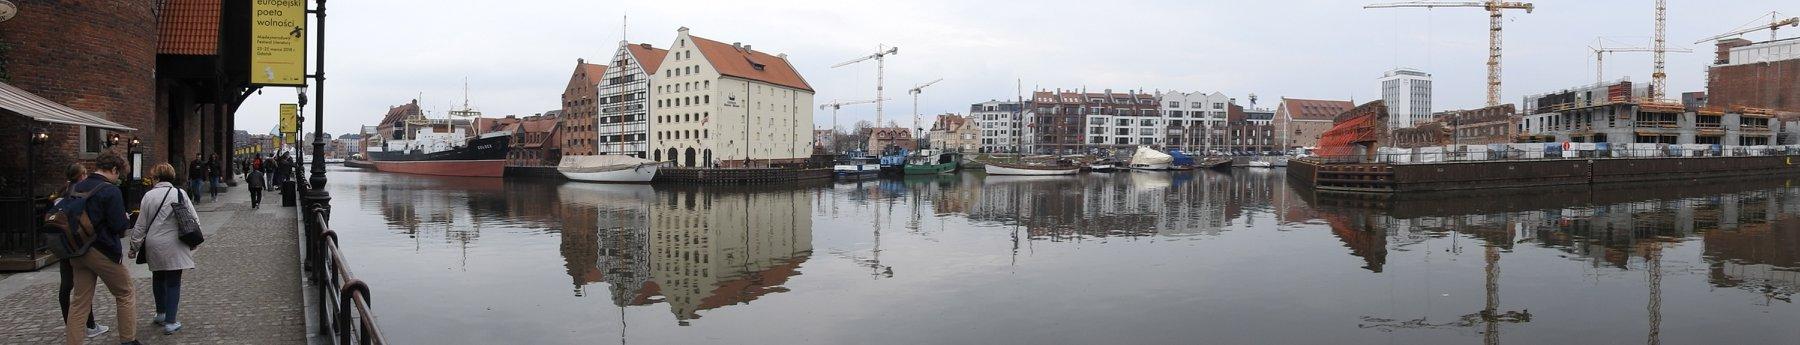 Motława w Gdańsku